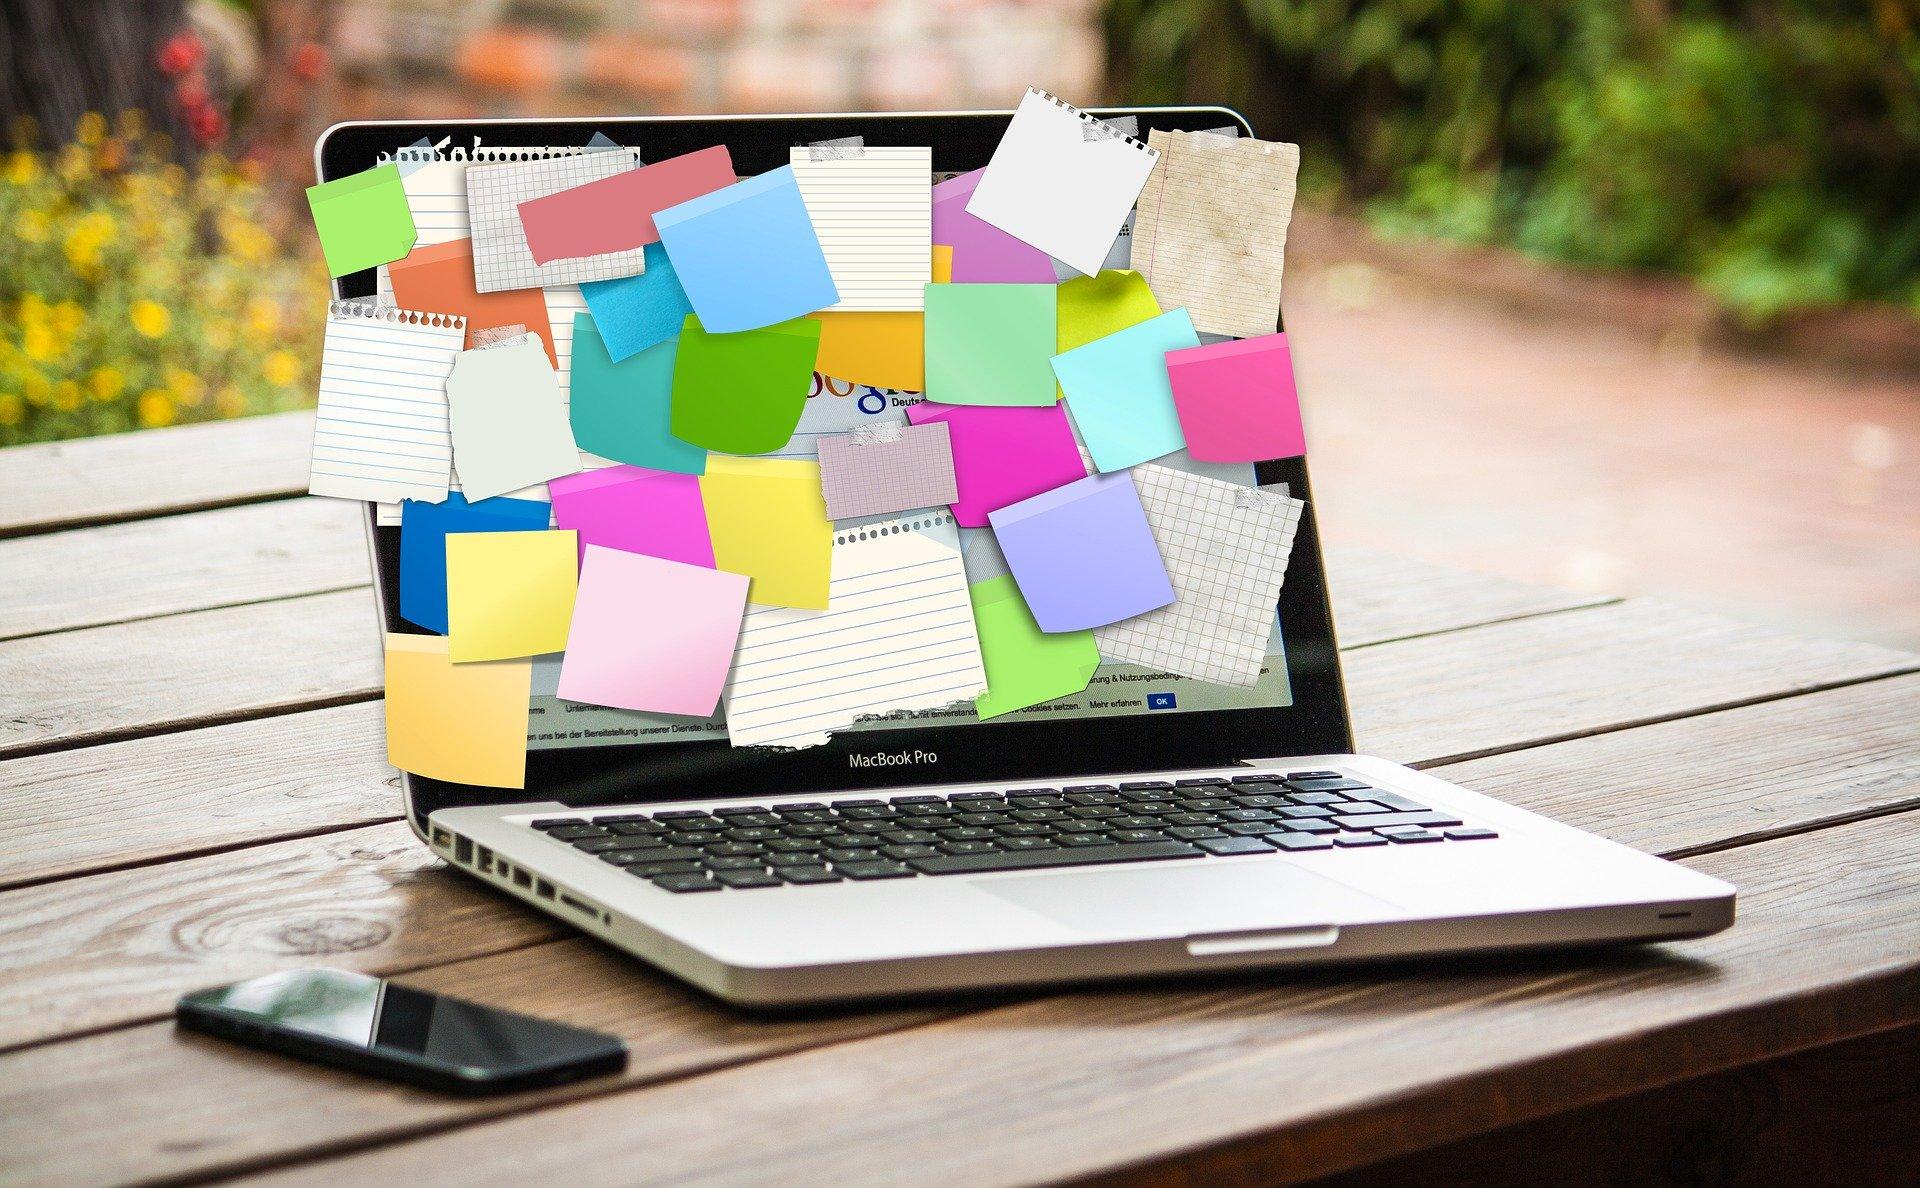 Den 22.juni 9.00 - 12.30 Selvledelse Onlineworkshop Fix the basic - Prioritering